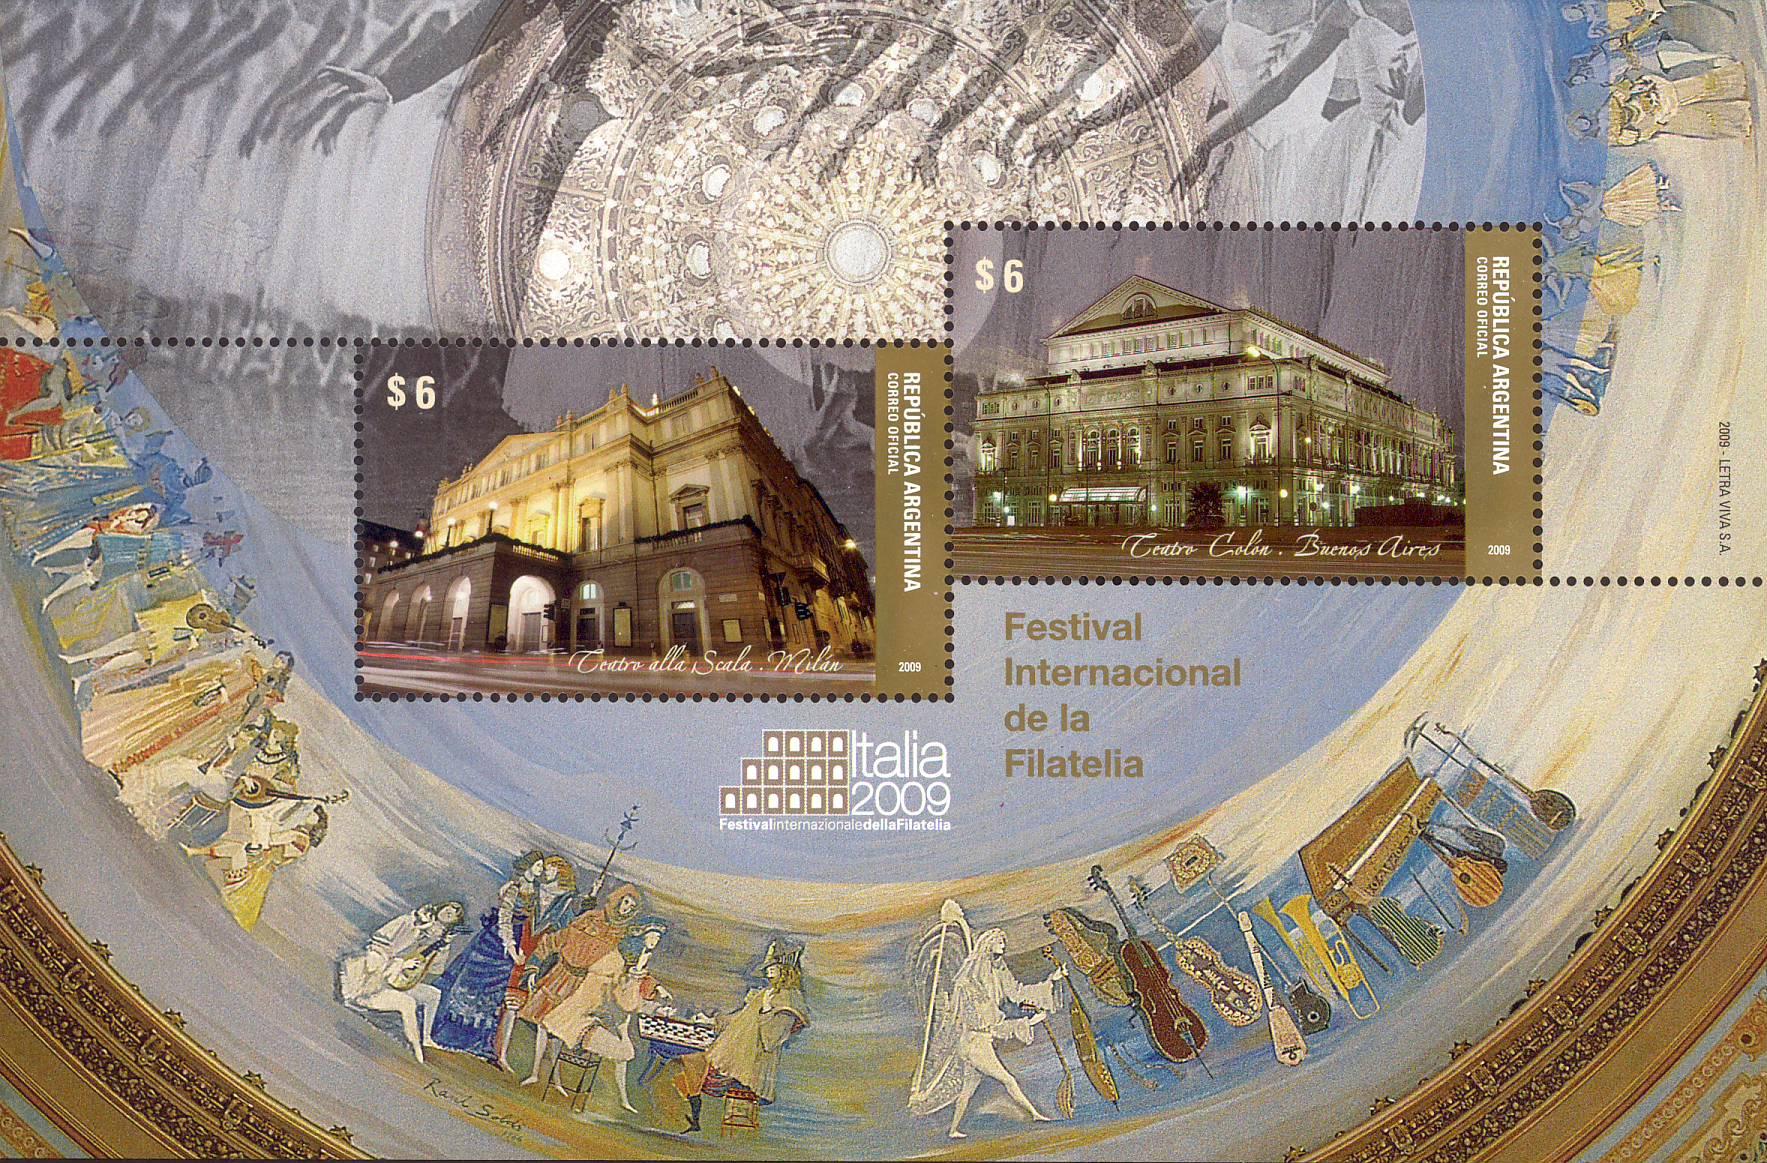 Teatro alla Scala e Teatro Colon